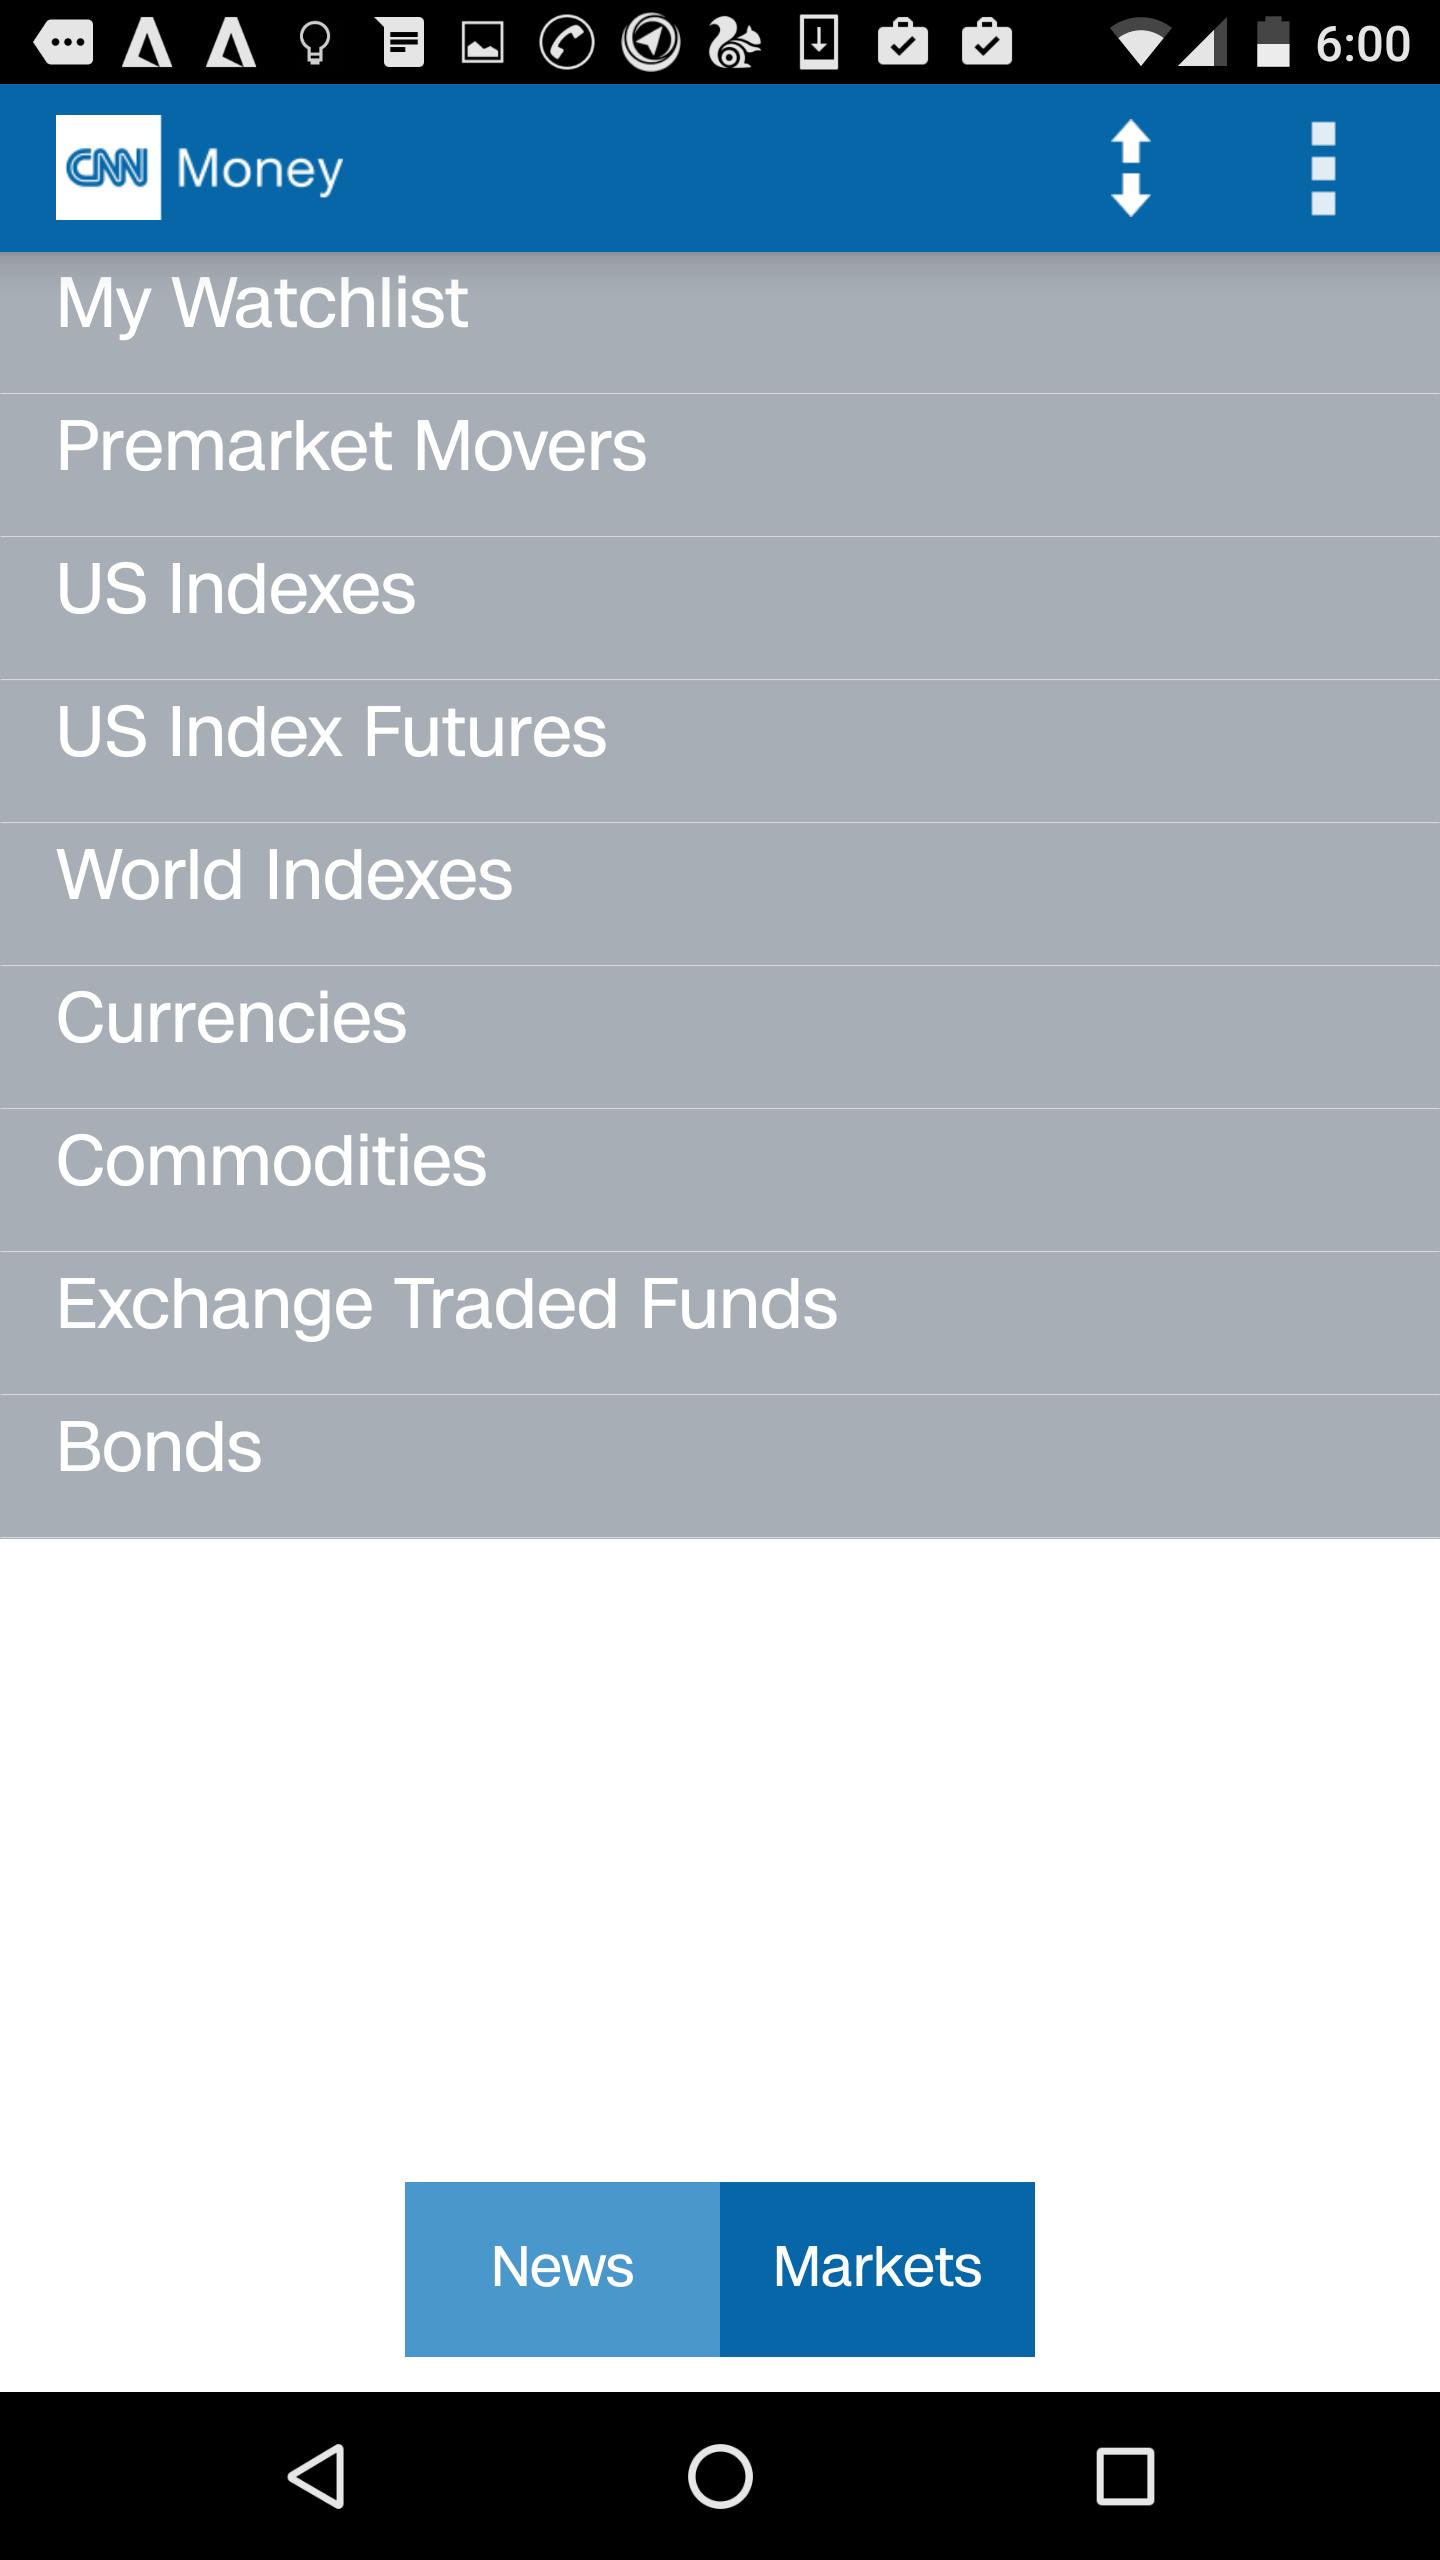 Cnn money - best business app